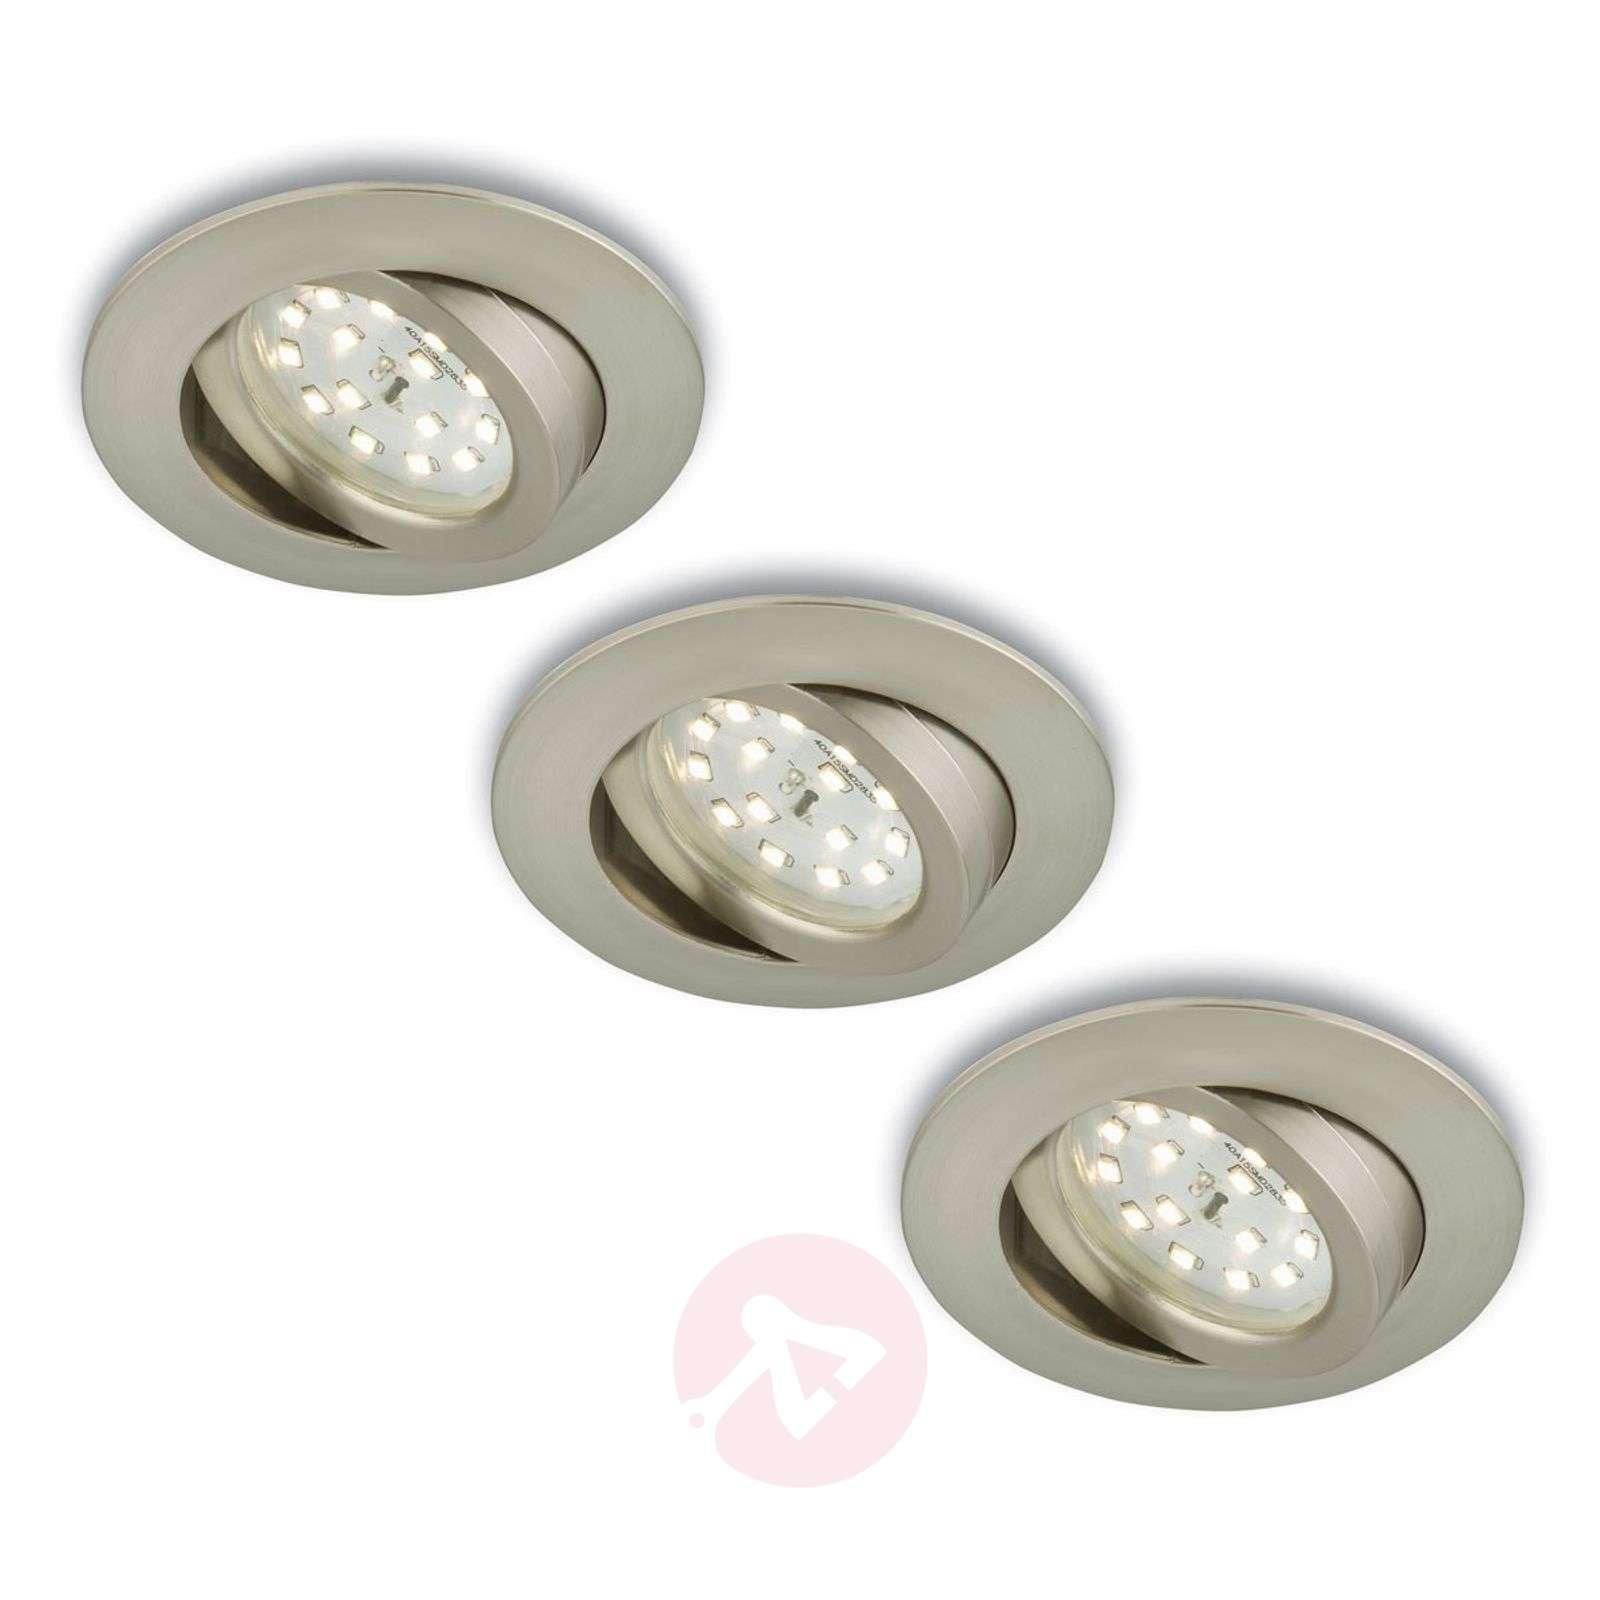 Kierrettävä LED-uppokohdevalo, 3 kpl, mattanikkeli-1510288-01